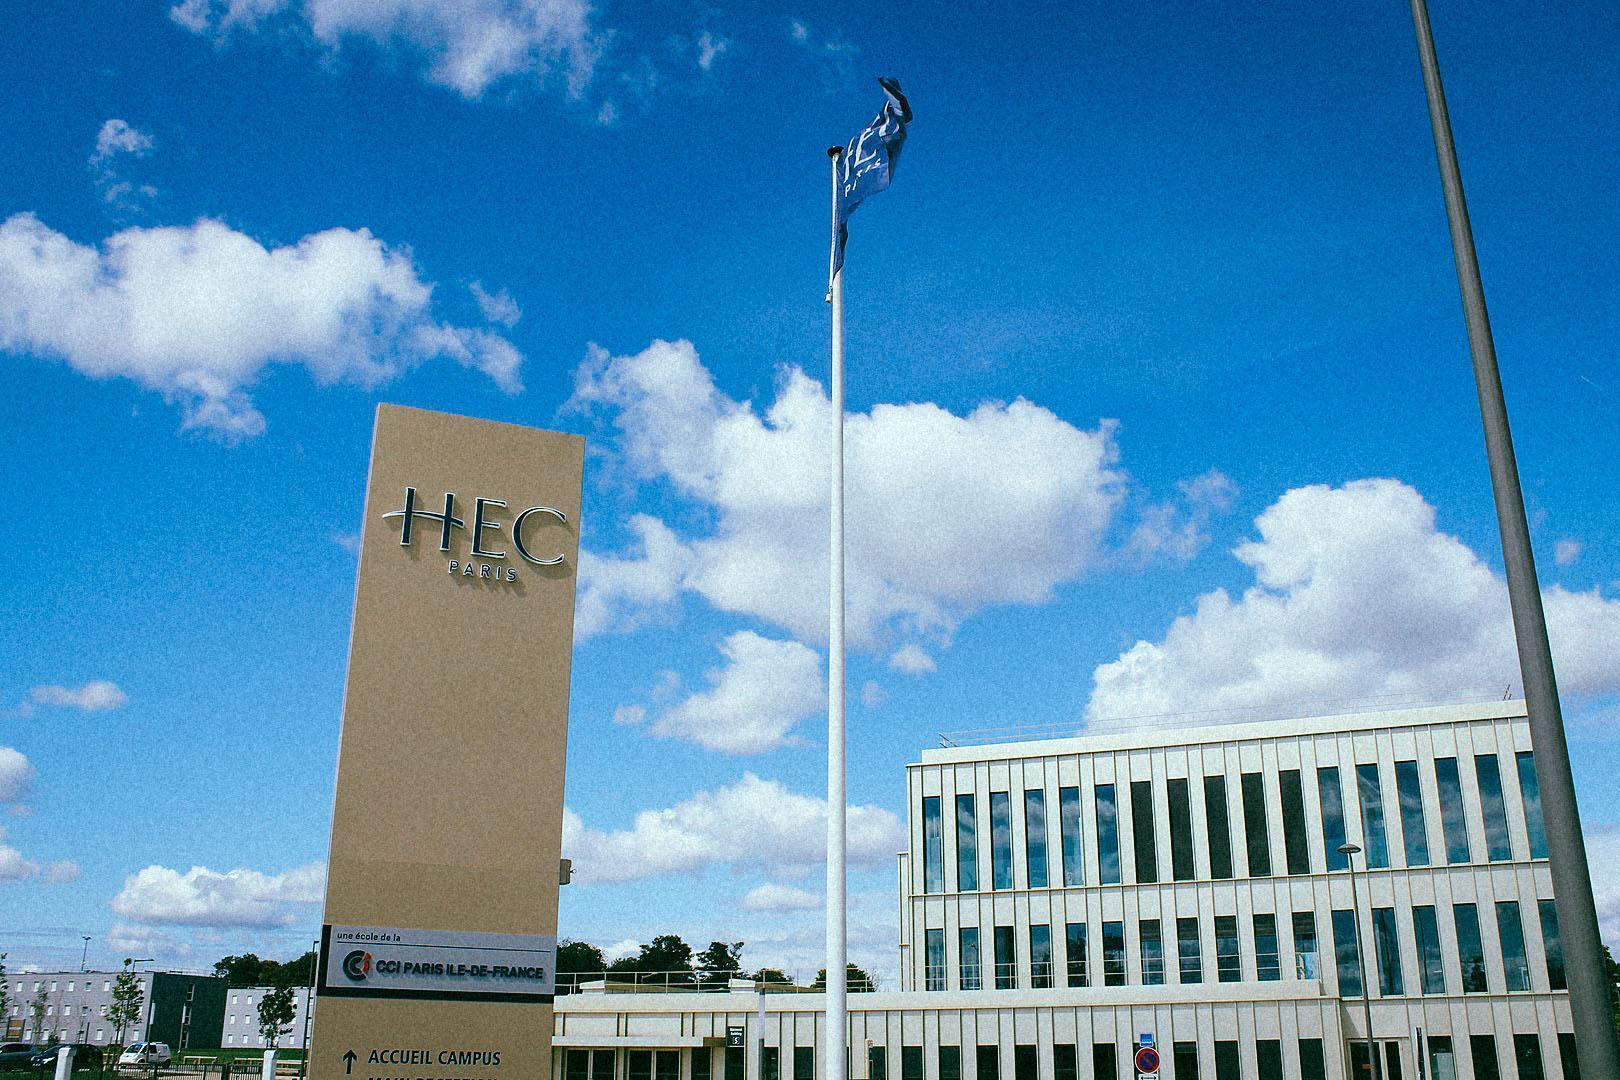 Des étudiant•e•s de HEC réclament une direction plus écolo